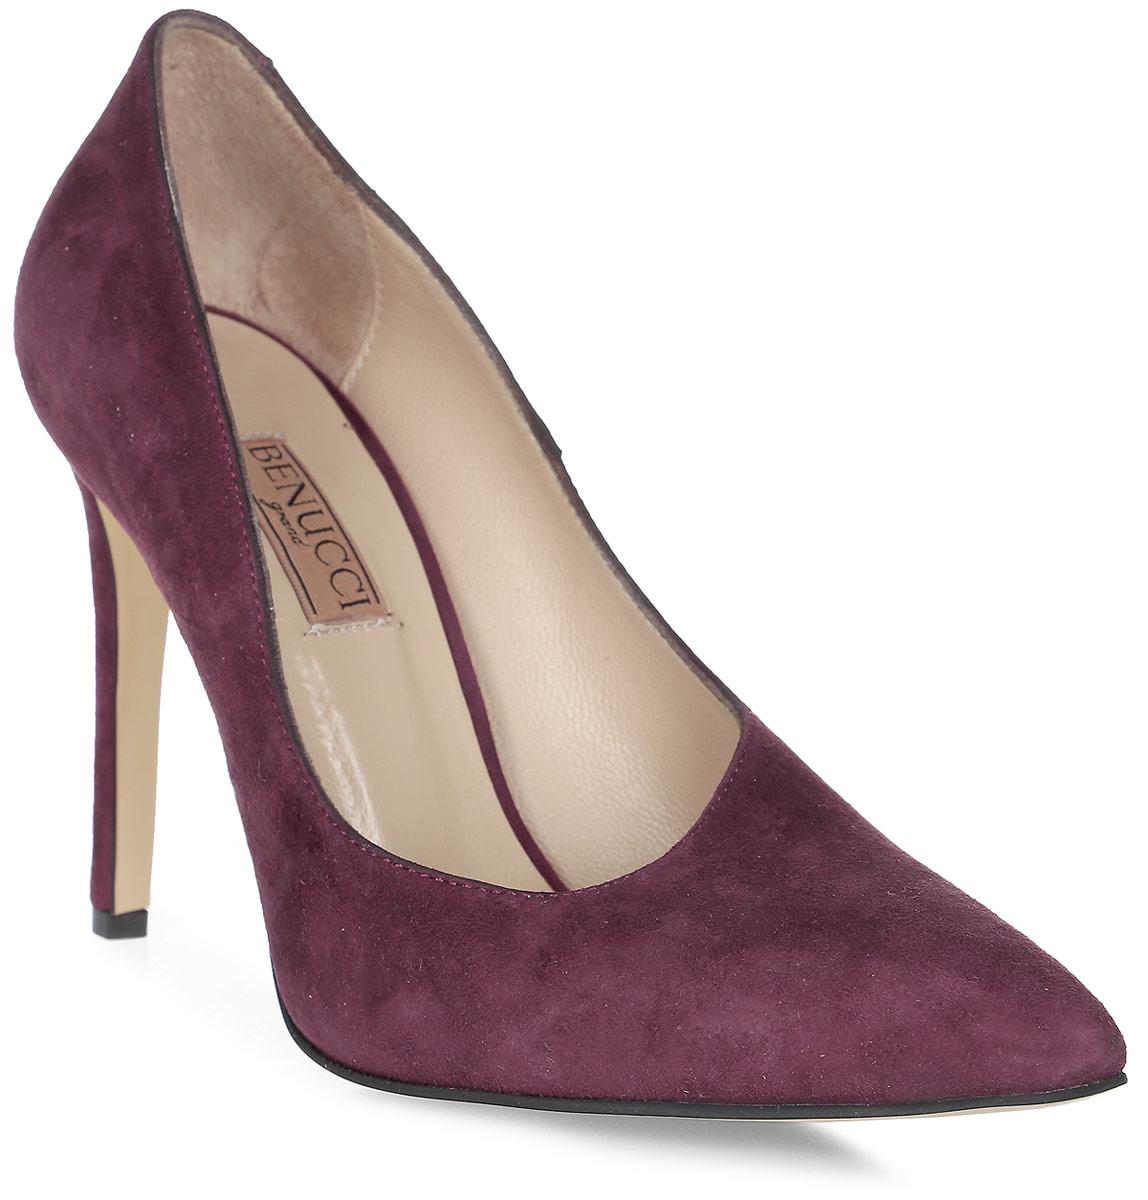 Туфли женские Benucci, цвет: бордовый. 5870_замша. Размер 395870_замшаИзысканные женские туфли от Benucci поразят вас своим дизайном! Модель выполнена из натуральной замши. Подкладка и стелька - из натуральной кожипозволят ногам дышать и обеспечат максимальный комфорт при ходьбе. Зауженный носок добавит женственности в ваш образ. Высокий каблук-шпилька устойчив. Подошва с рифлением обеспечивает идеальное сцепление с любой поверхностью. Изысканные туфли добавят в ваш образ немного шарма и подчеркнут ваш безупречный вкус.